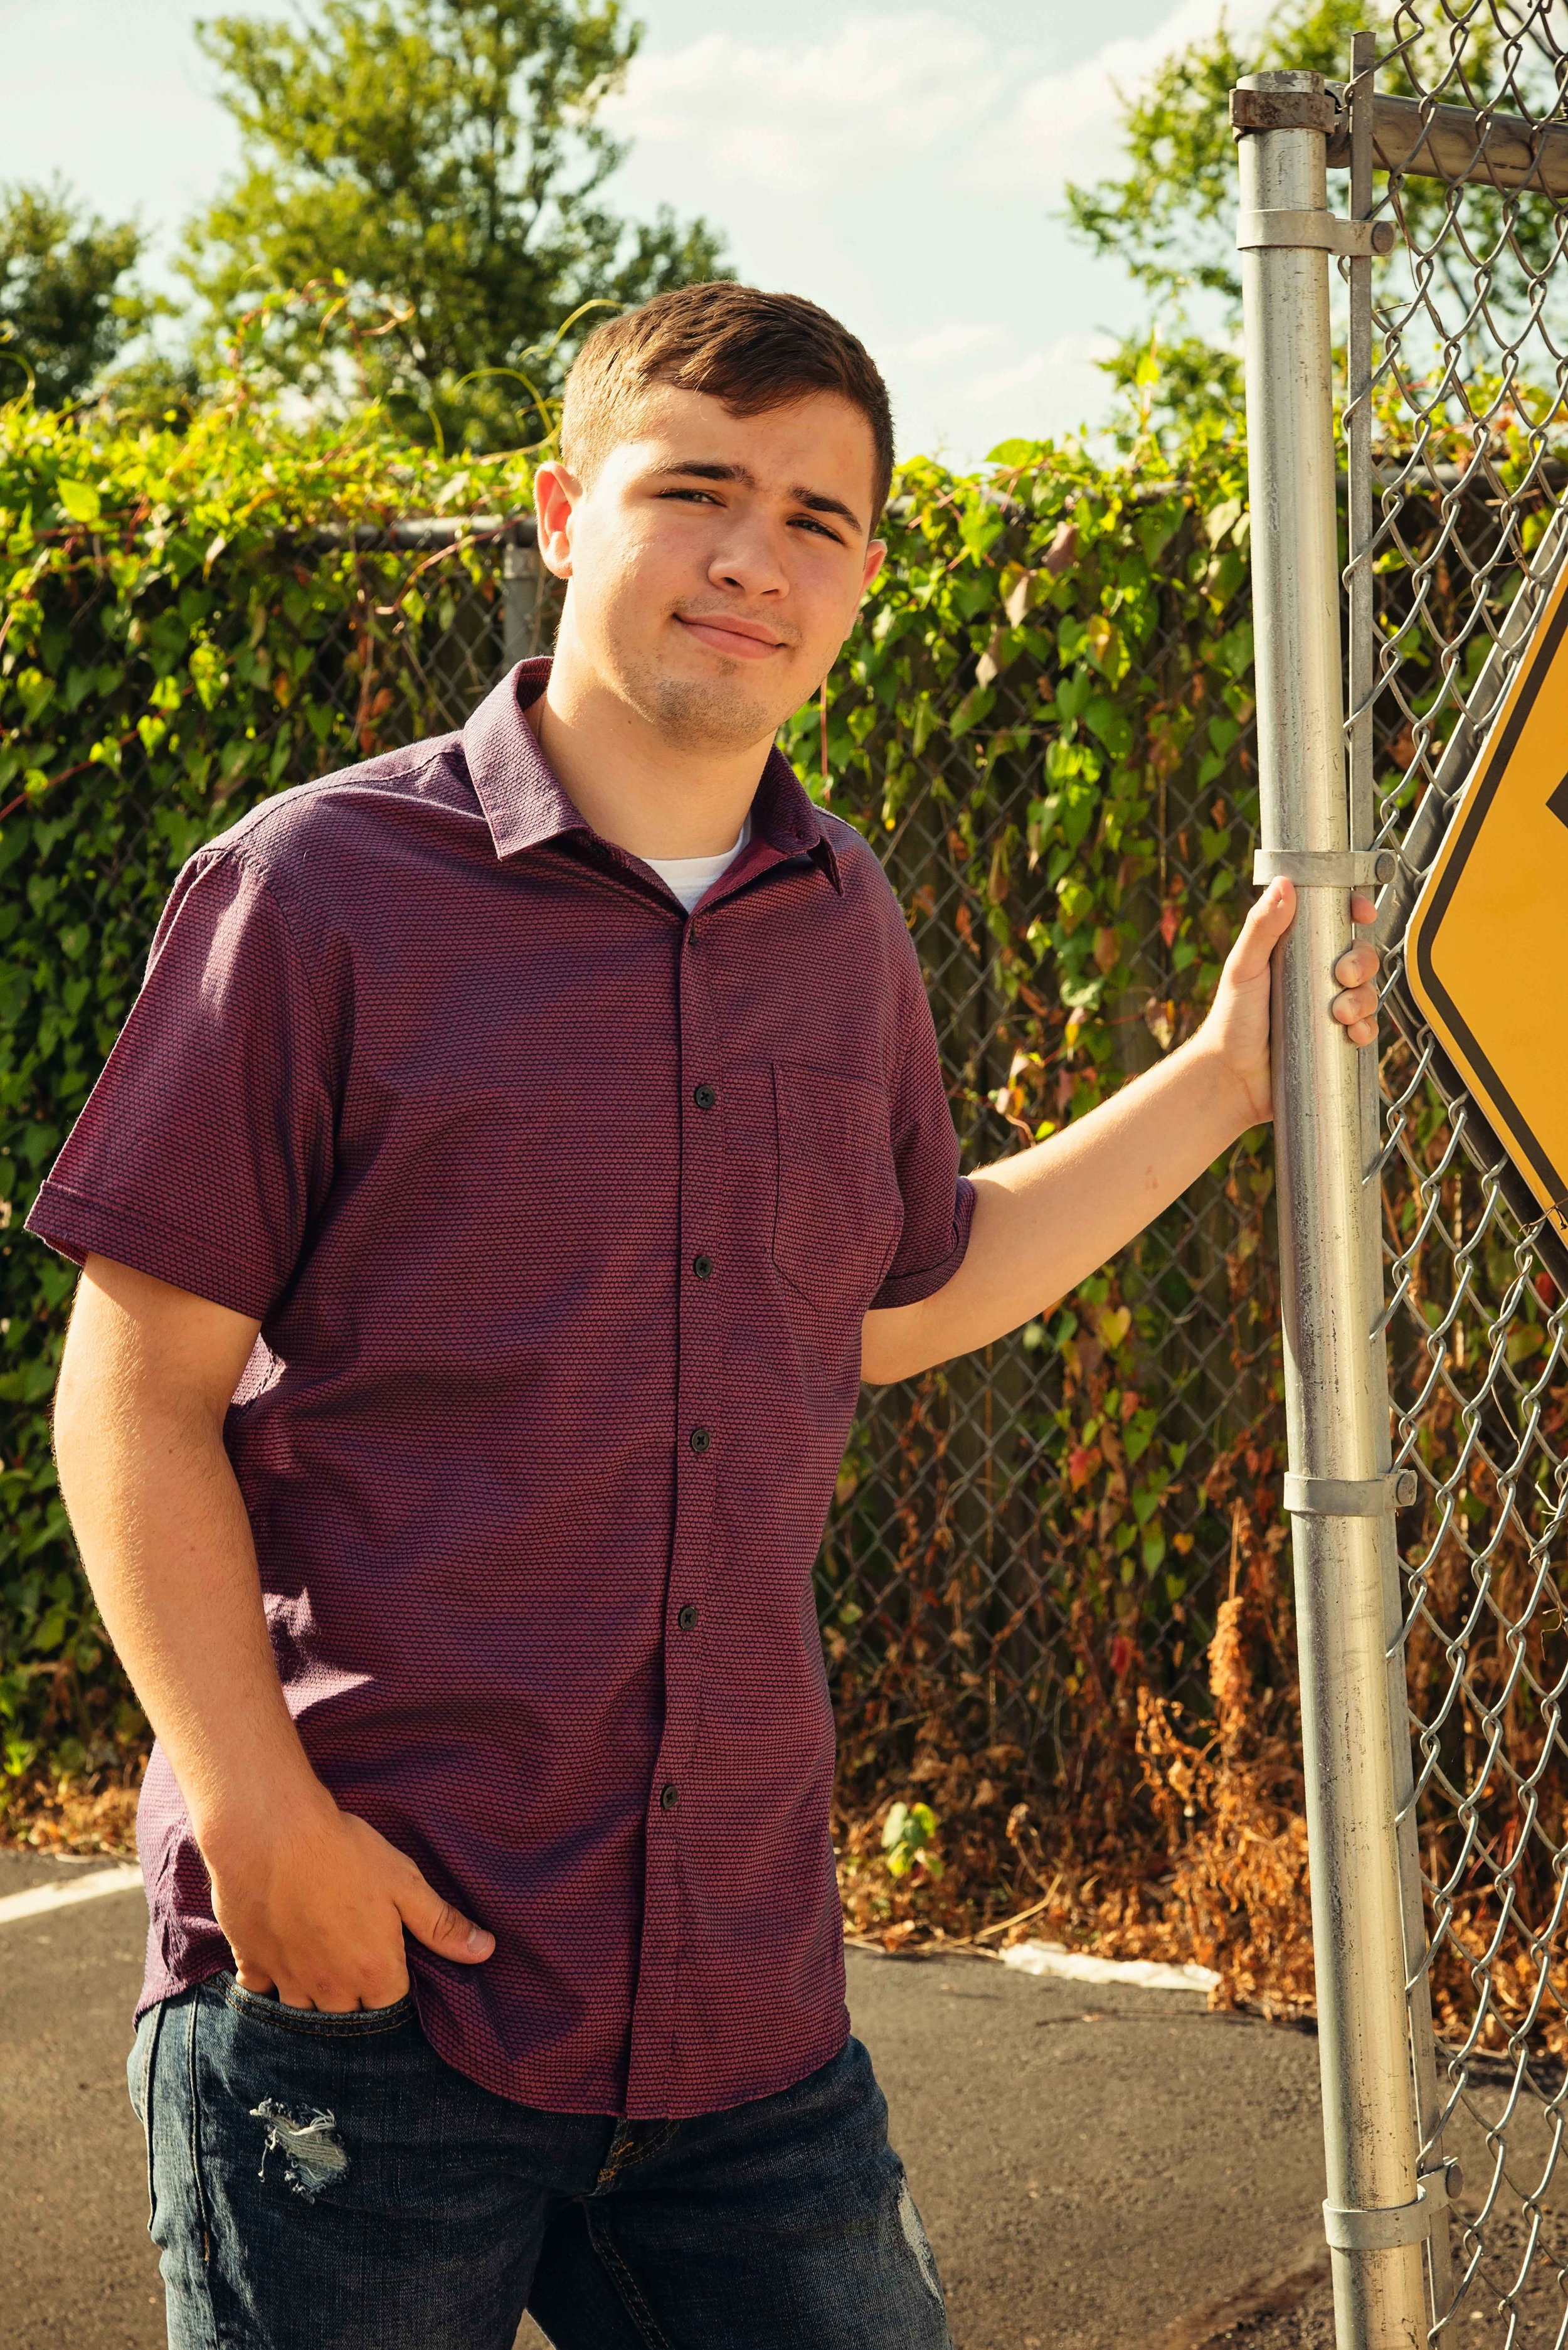 Little Miami High School Class of 2020 Cody Anderson Senior Portraits Cincinnati Ohio Remember When Portraits